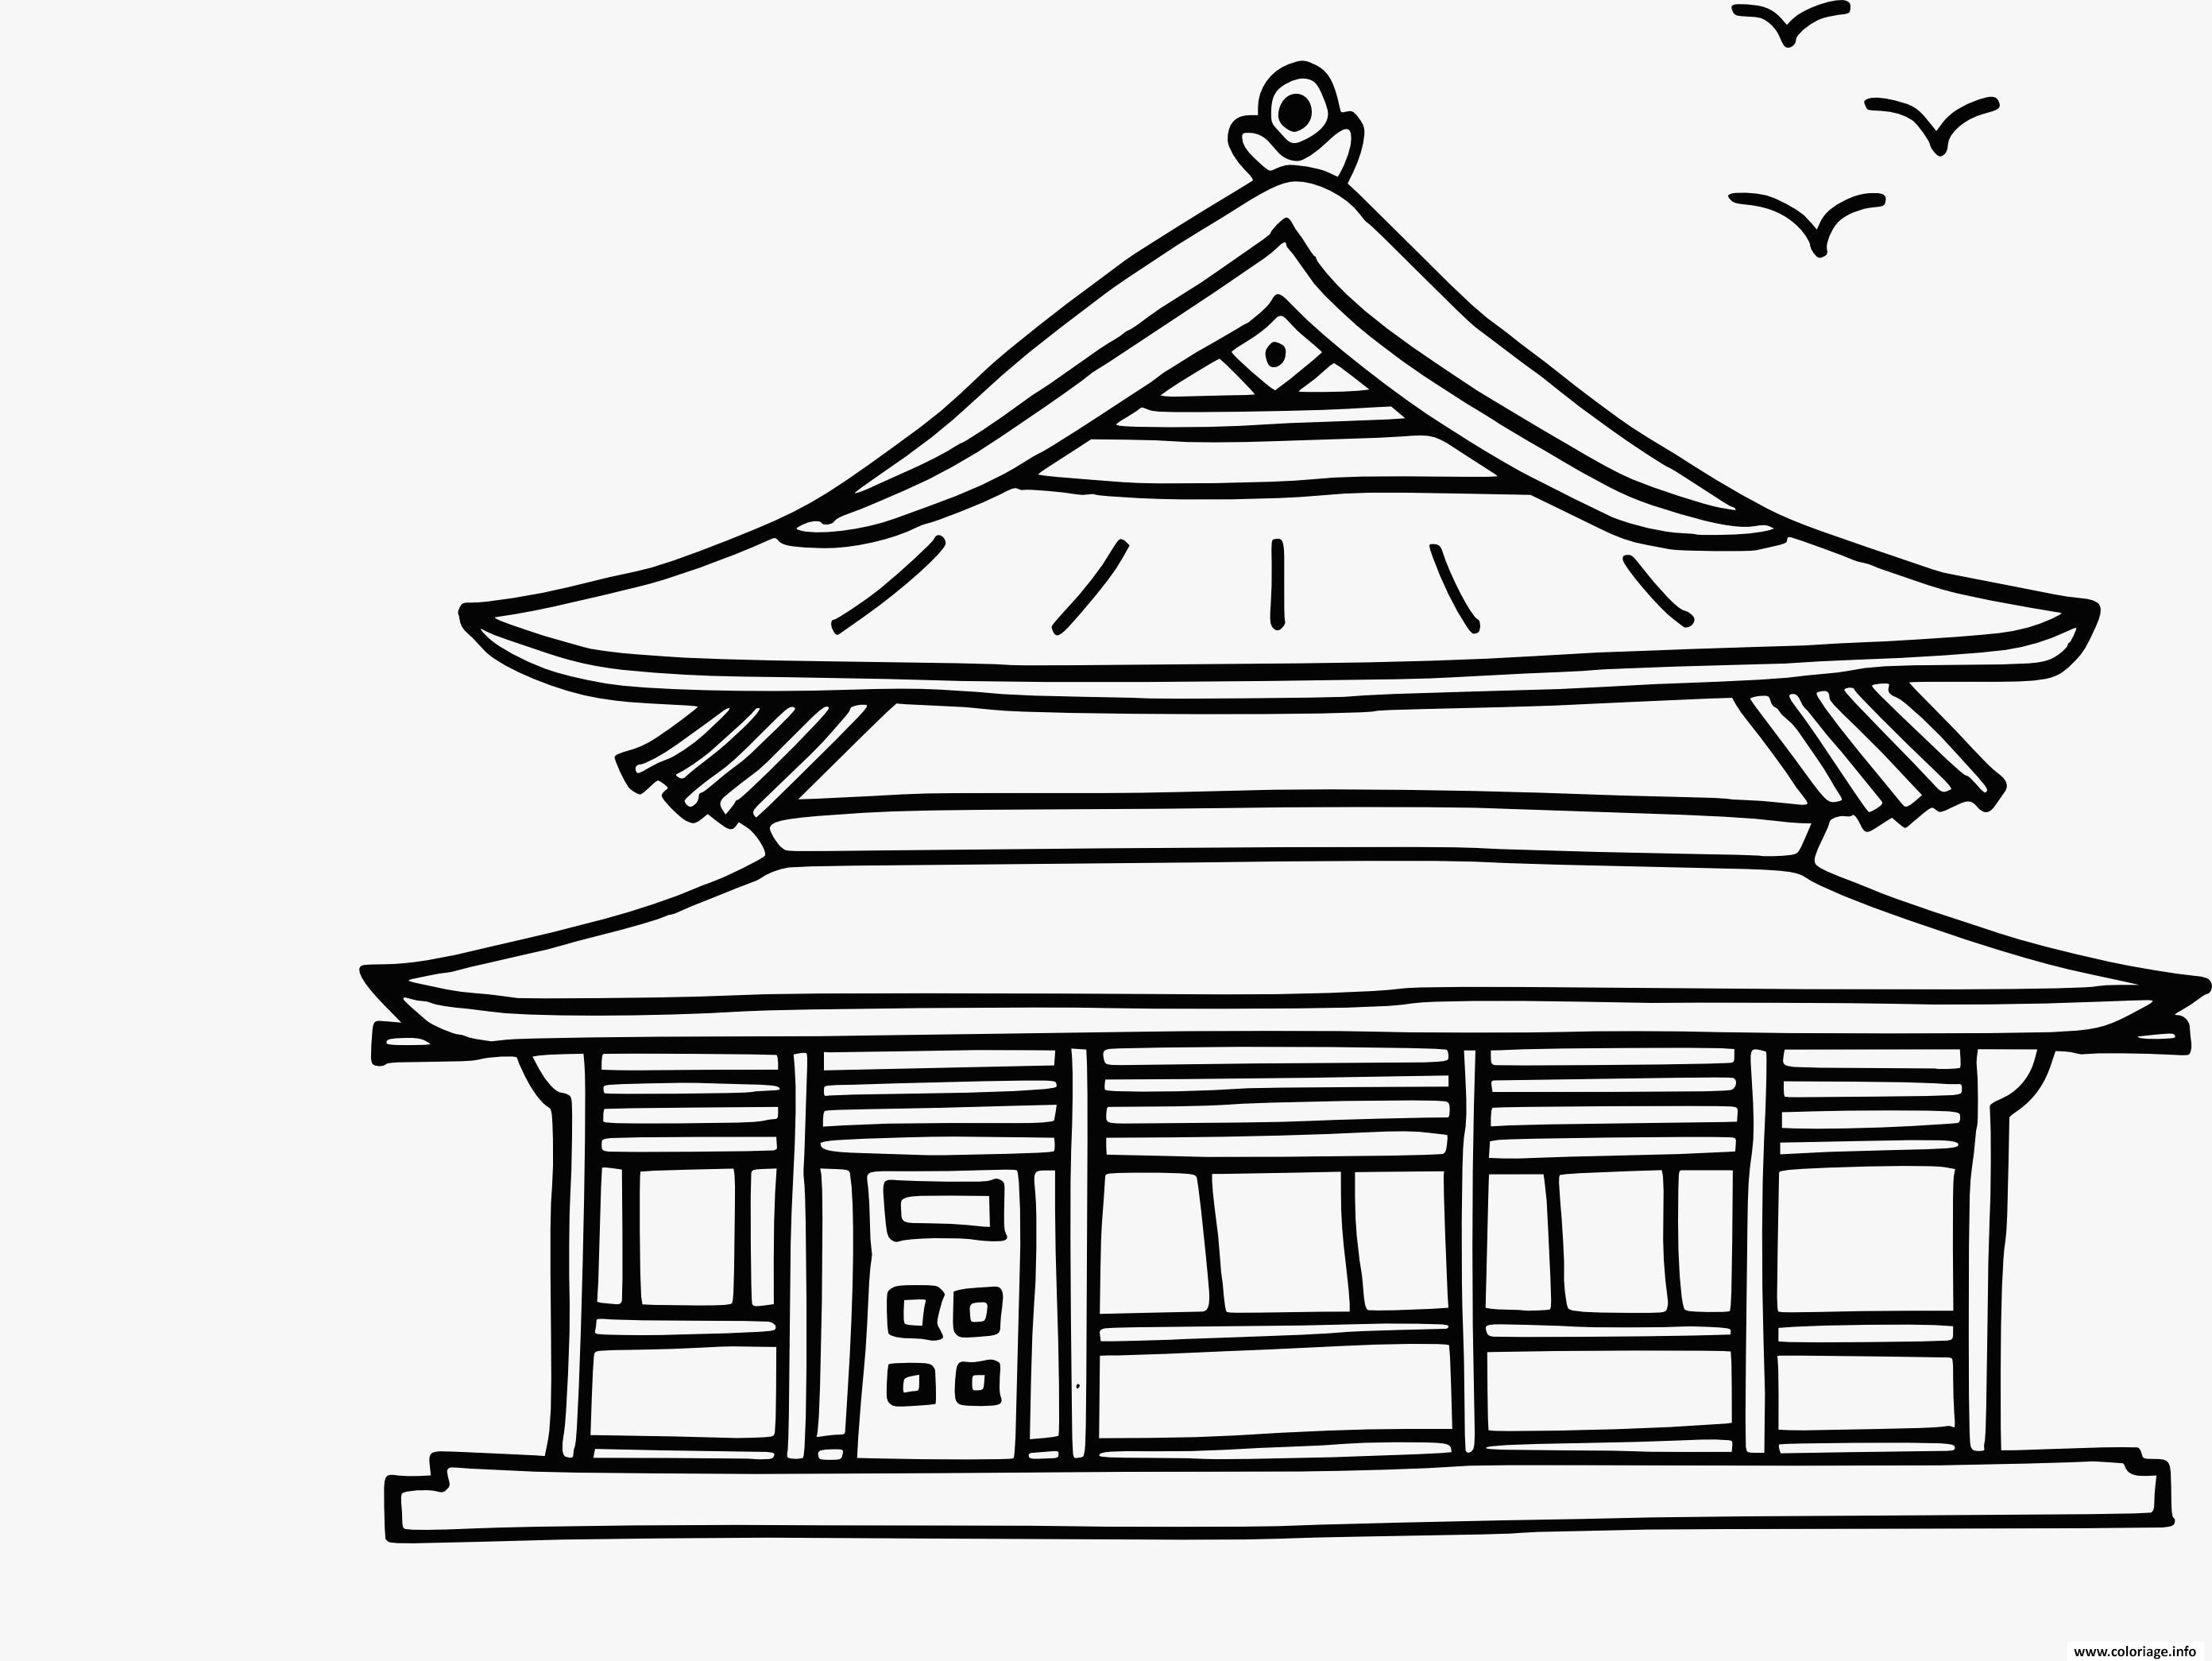 Dessin maison asiatique chinoise traditionnelle Coloriage Gratuit à Imprimer